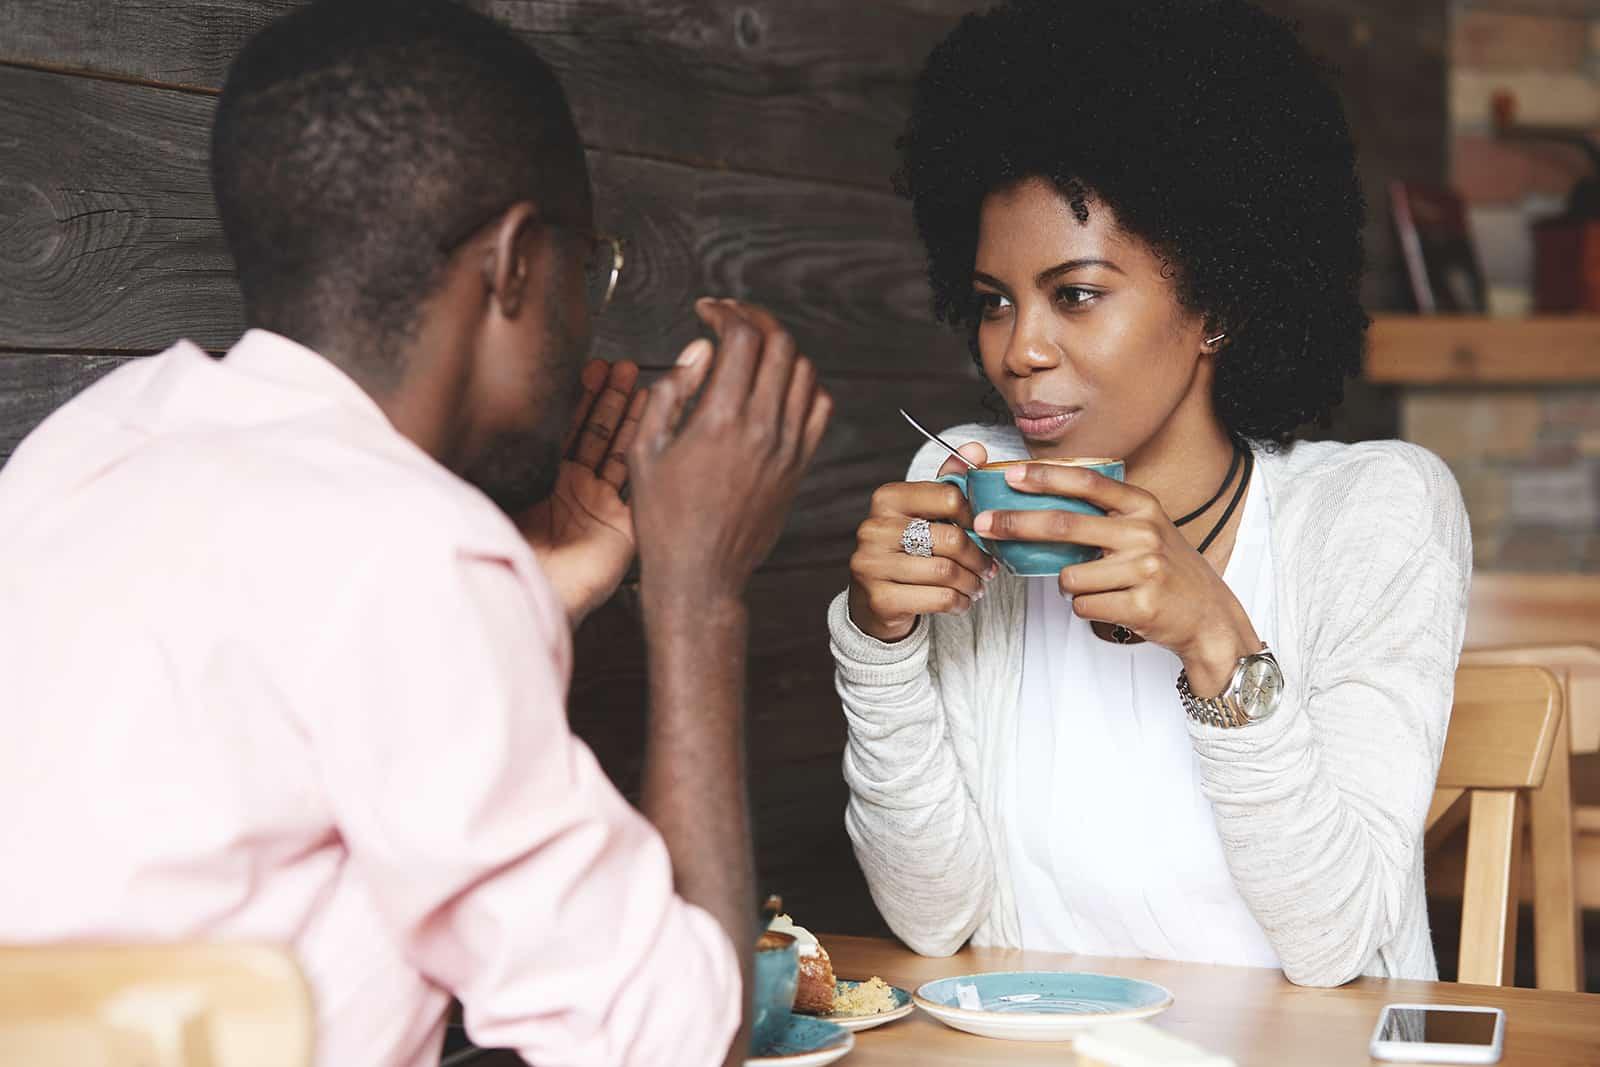 eine Frau, die einem Mann zuhört, während sie zusammen im Café sitzt